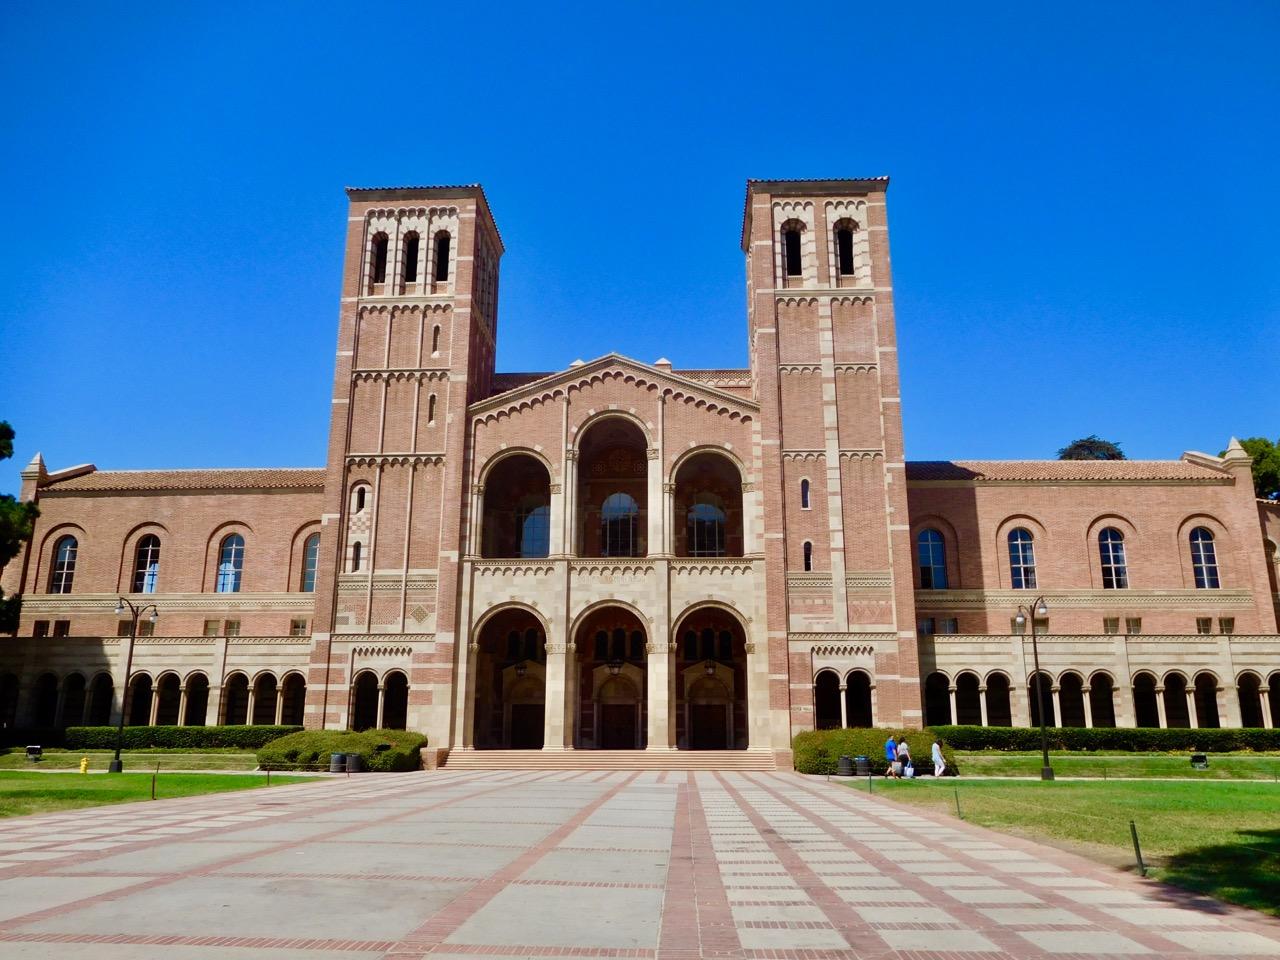 3 Days in L.A. - UCLA Campus (6)